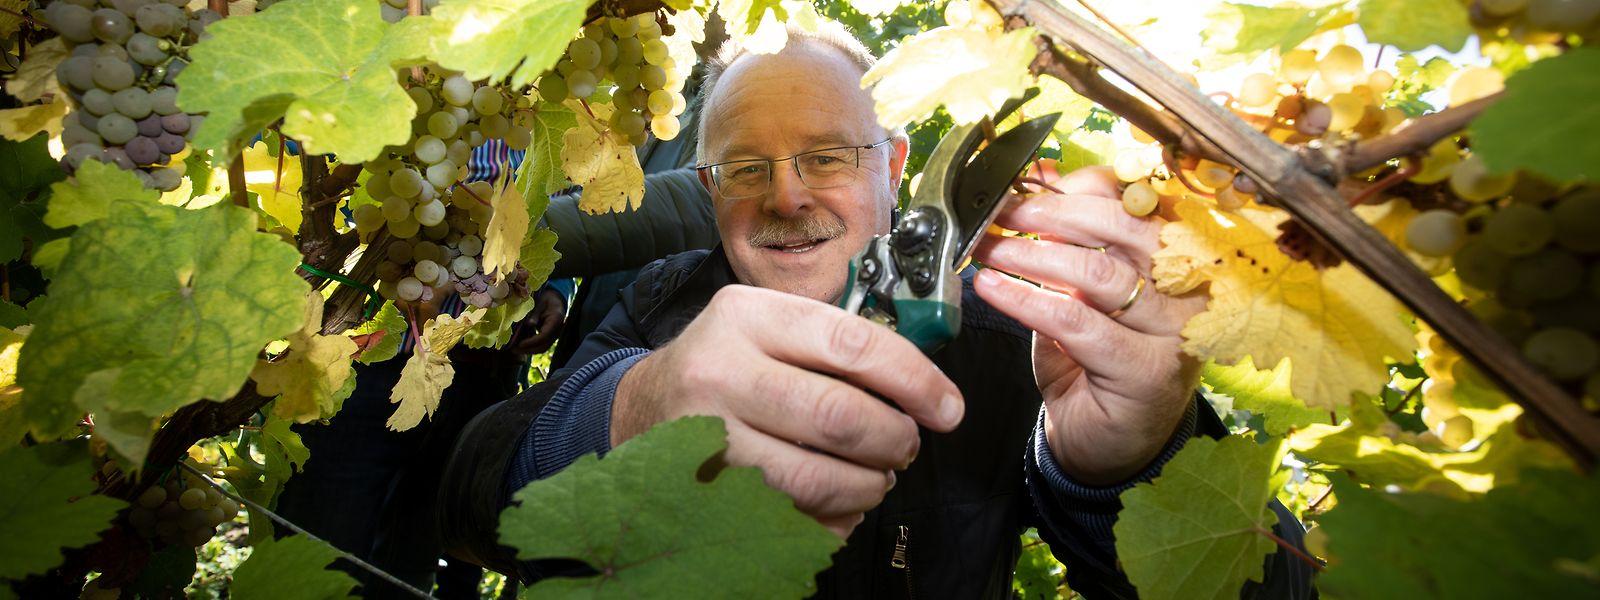 Romain Schneider ne cache pas ses inquiétudes pour la filière viticole pénalisée par la fermeture des cafés-restaurants.